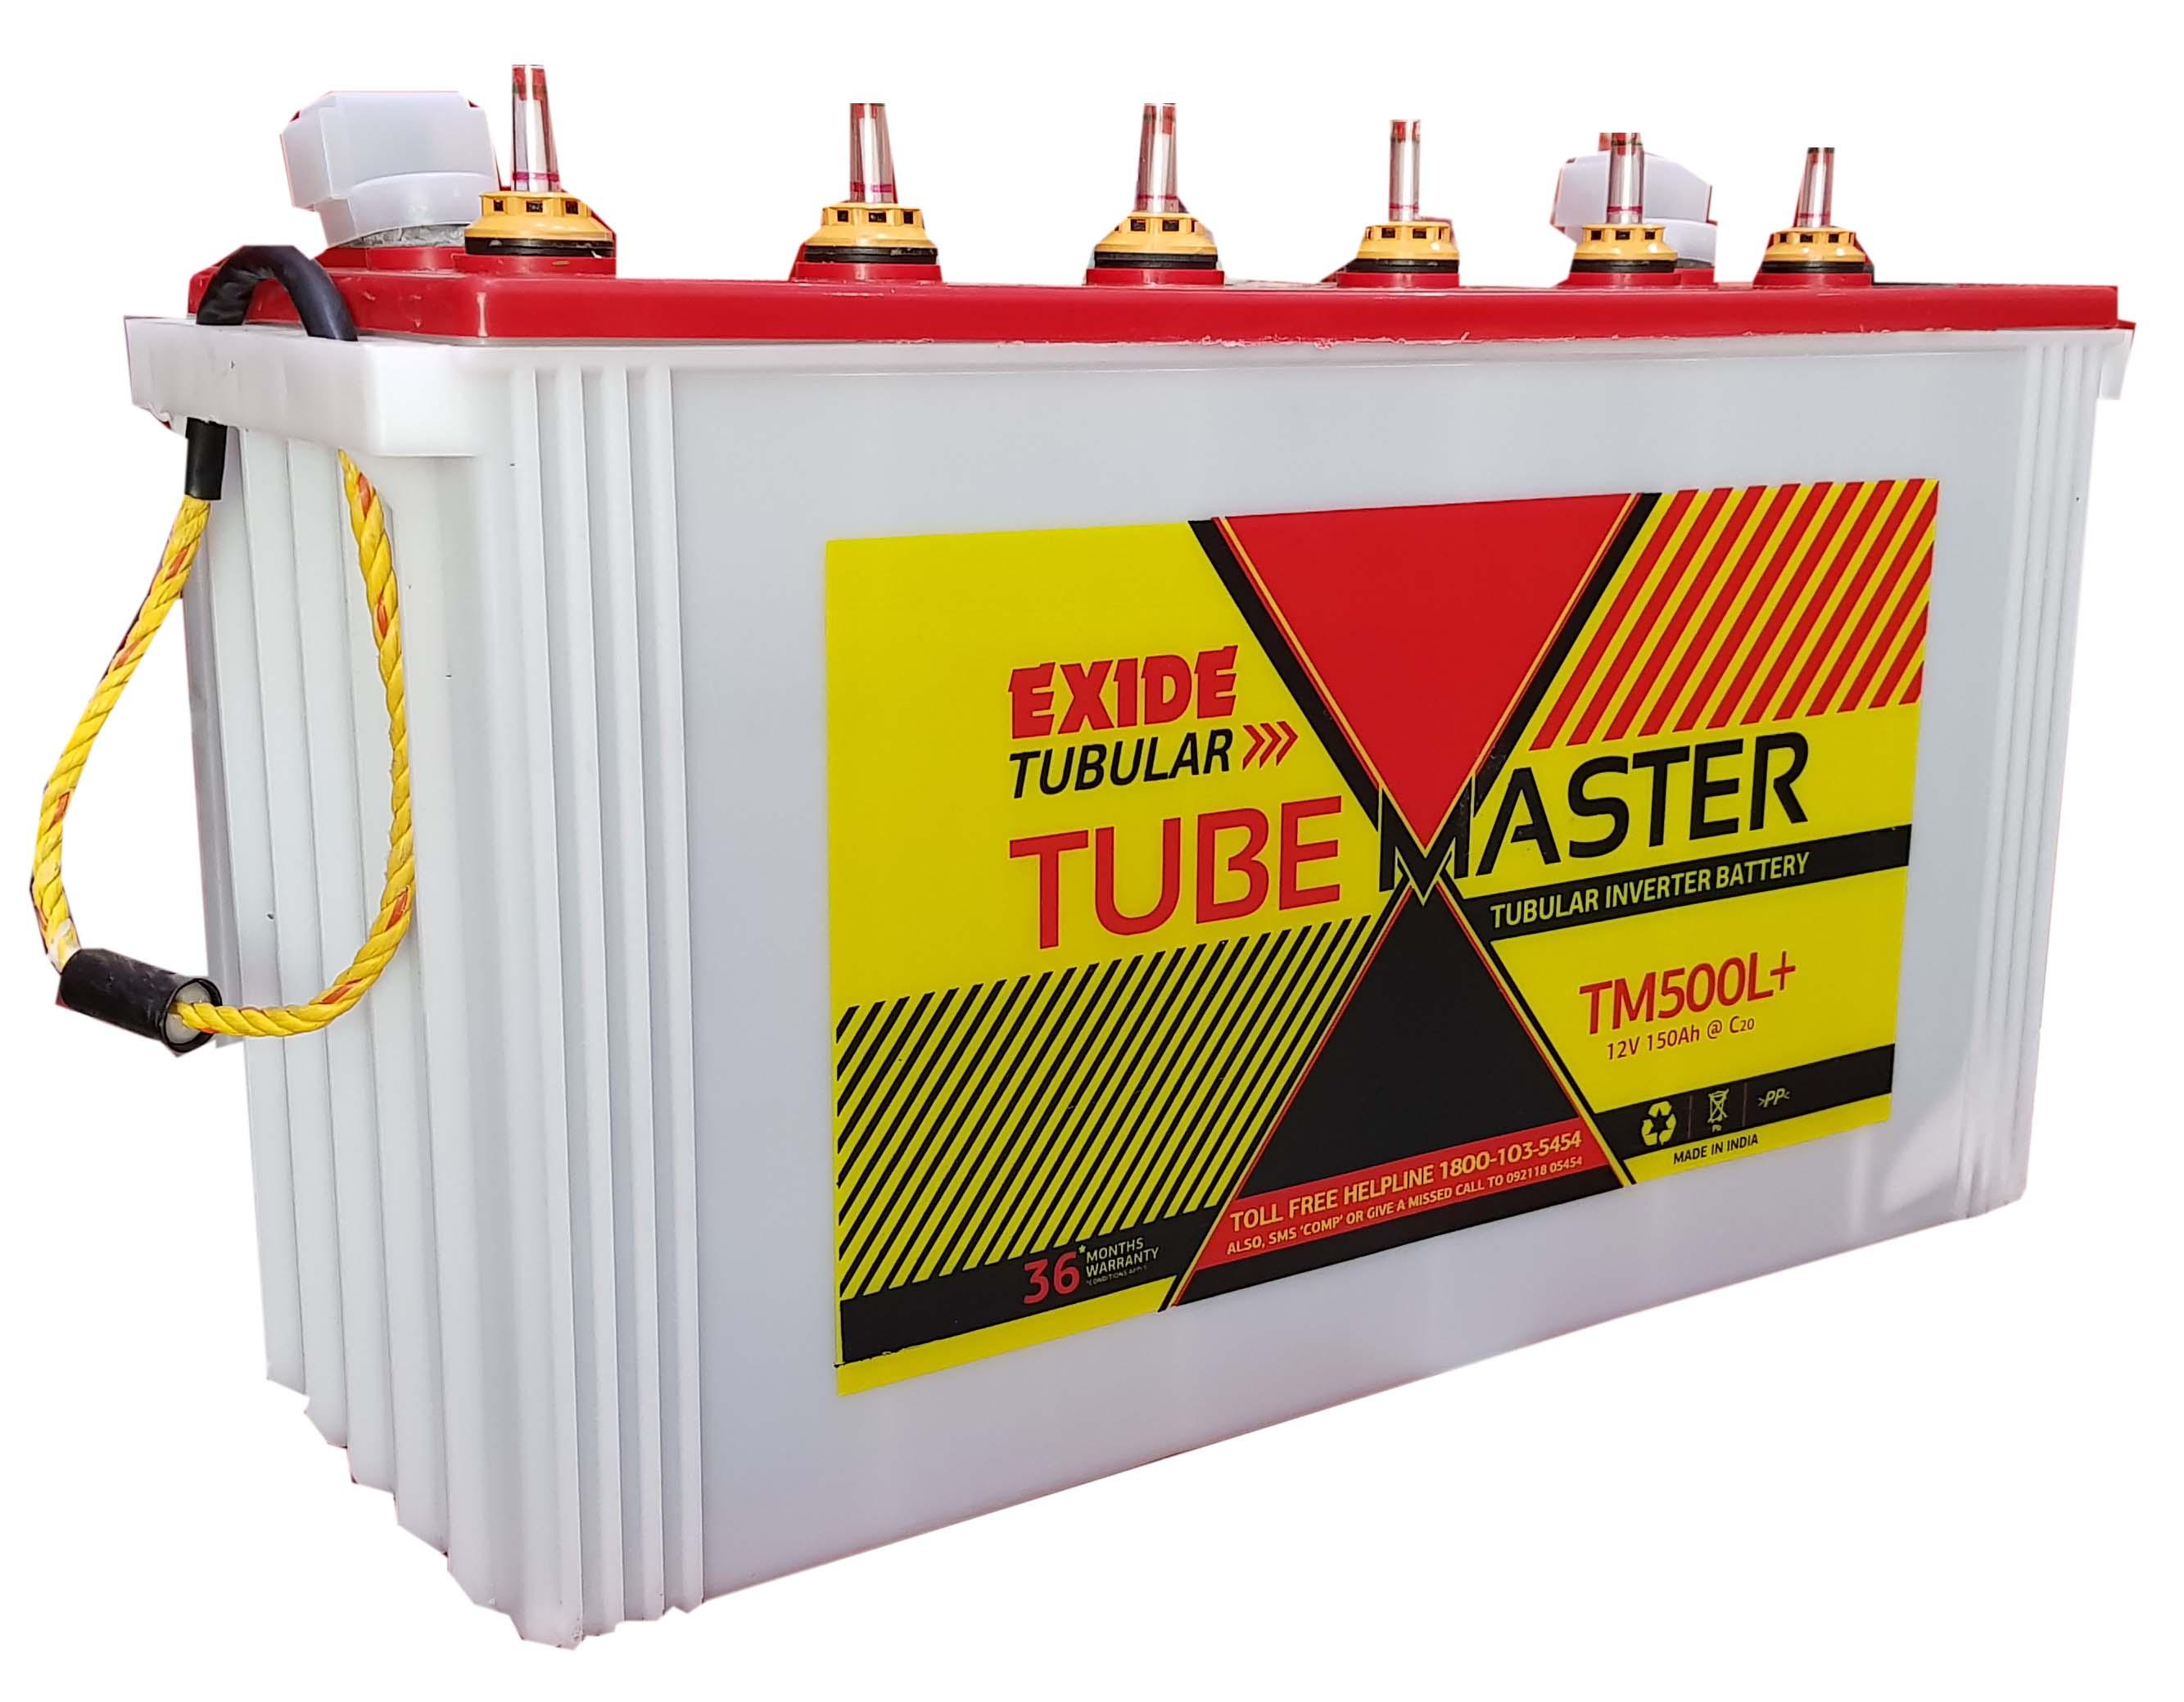 Exide Tubemaster inverter Battery